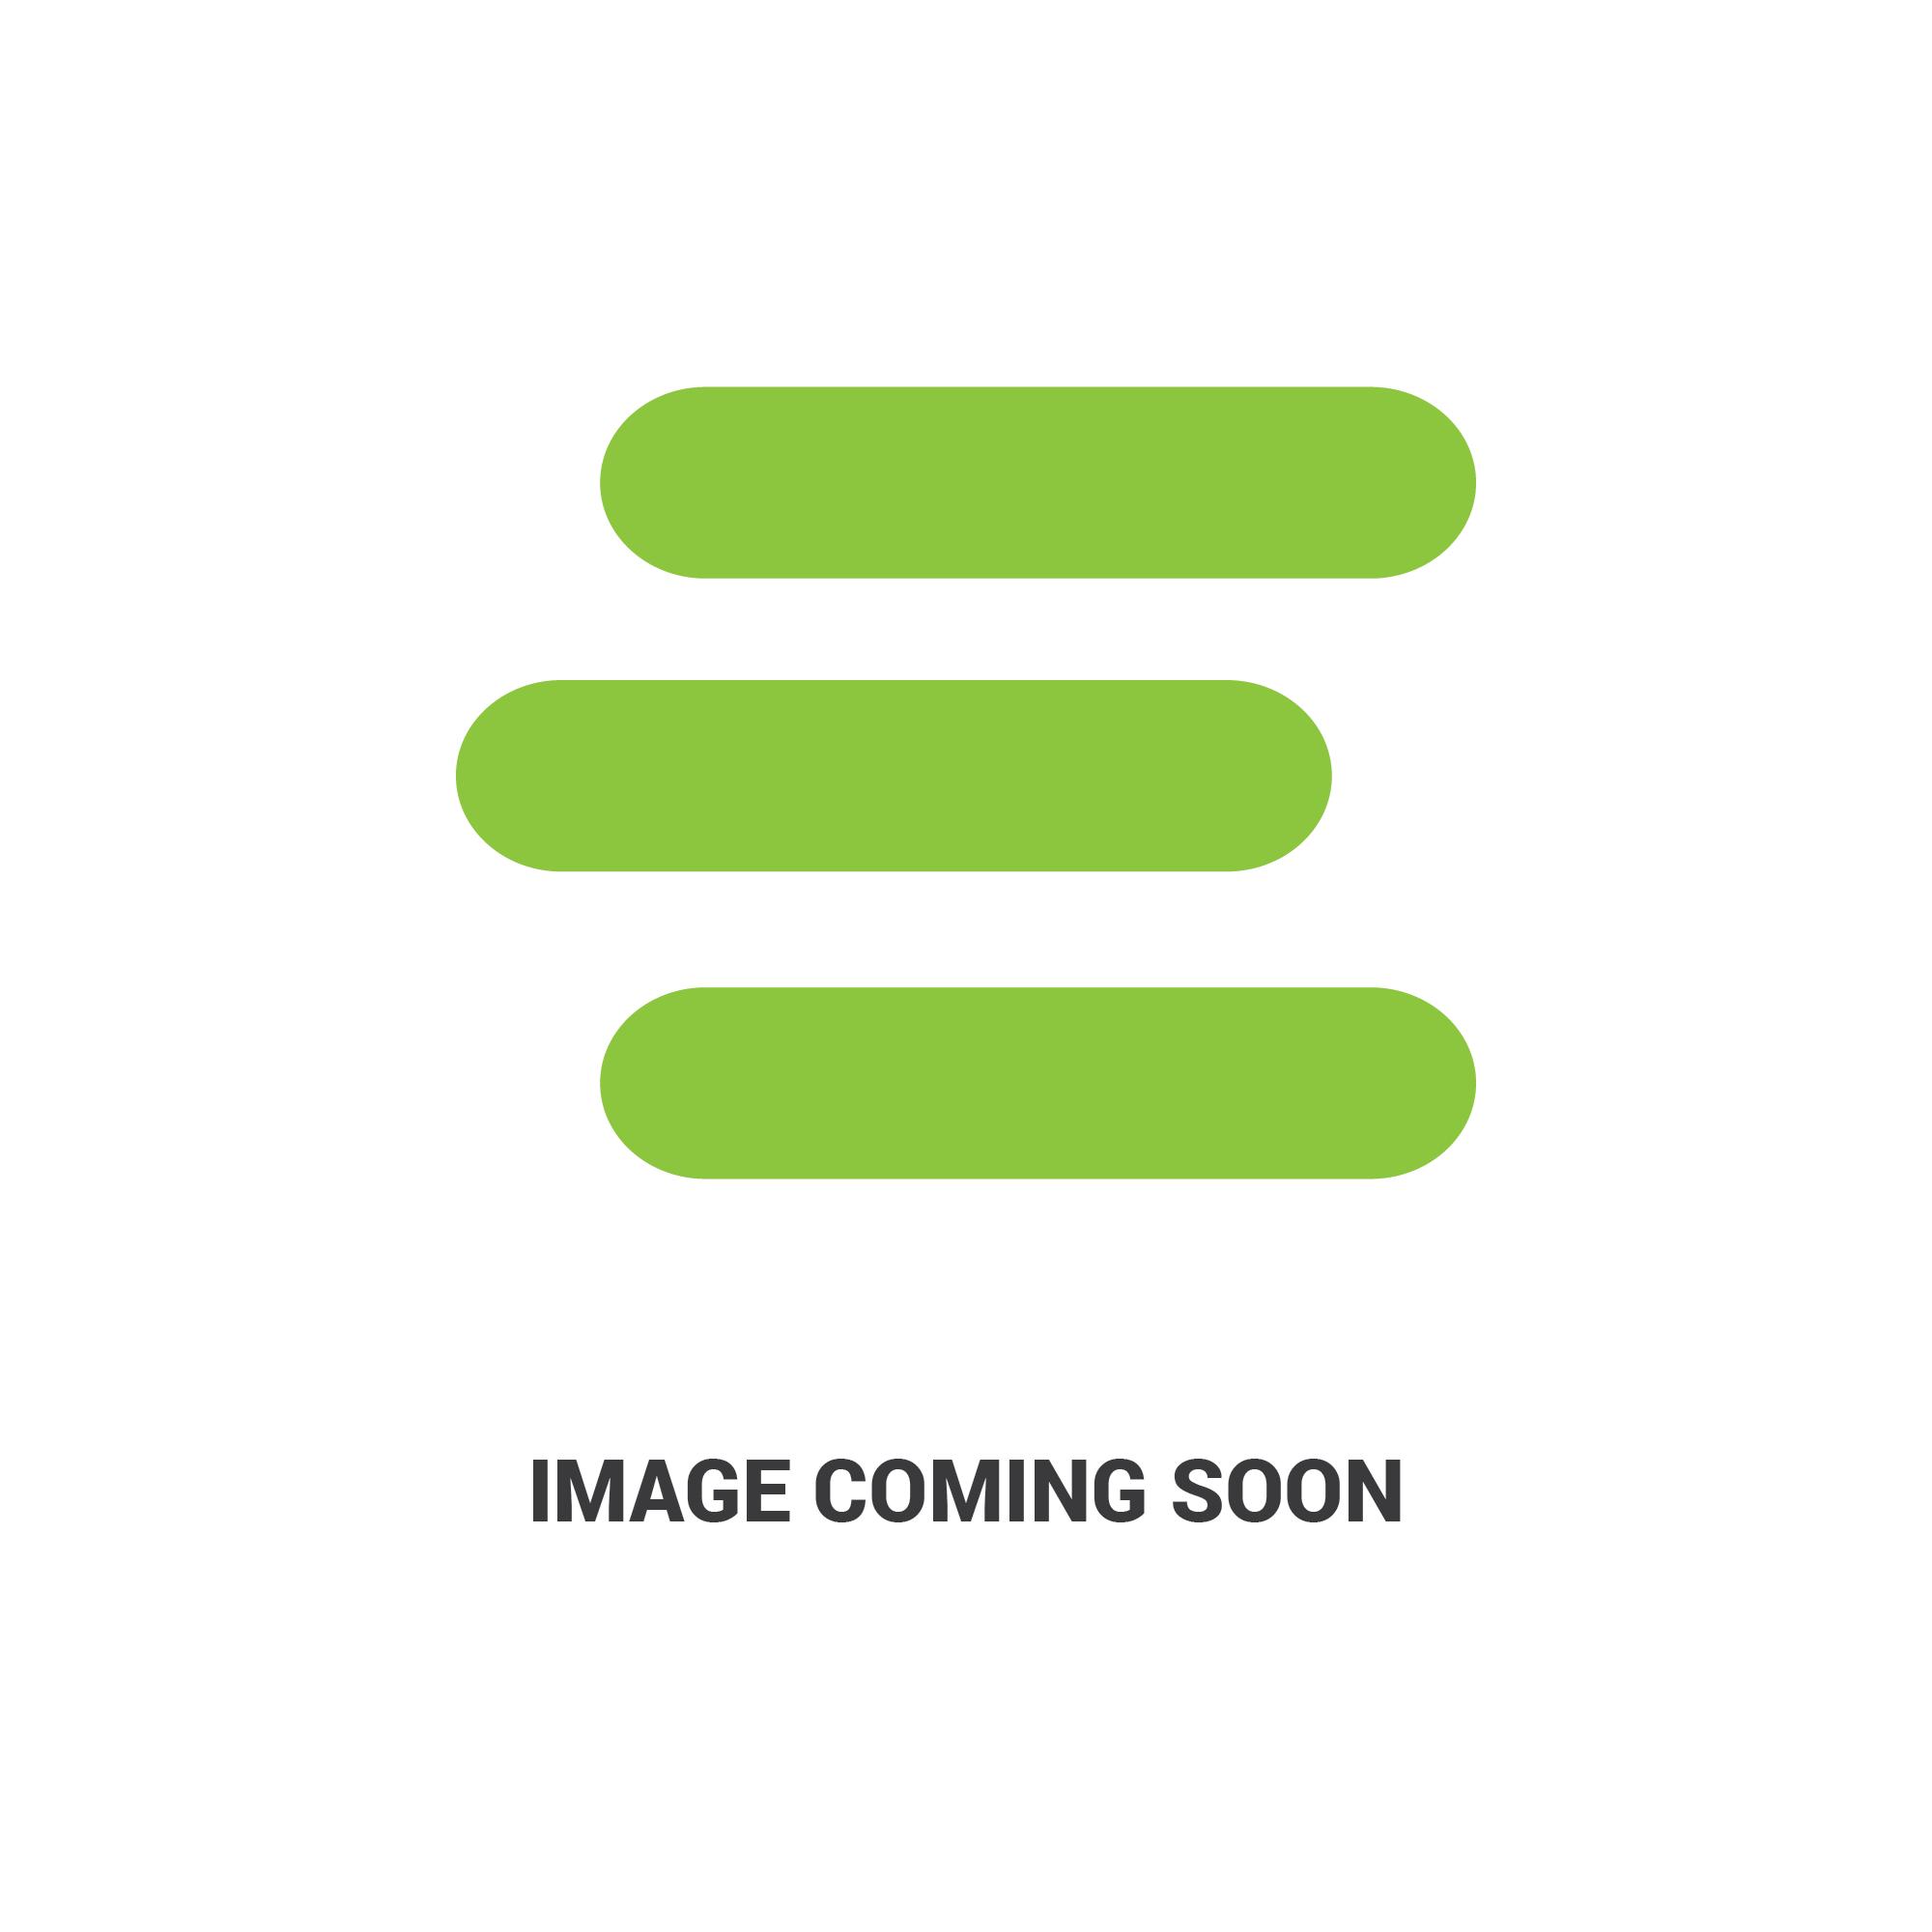 E-R1612881736_1.jpg